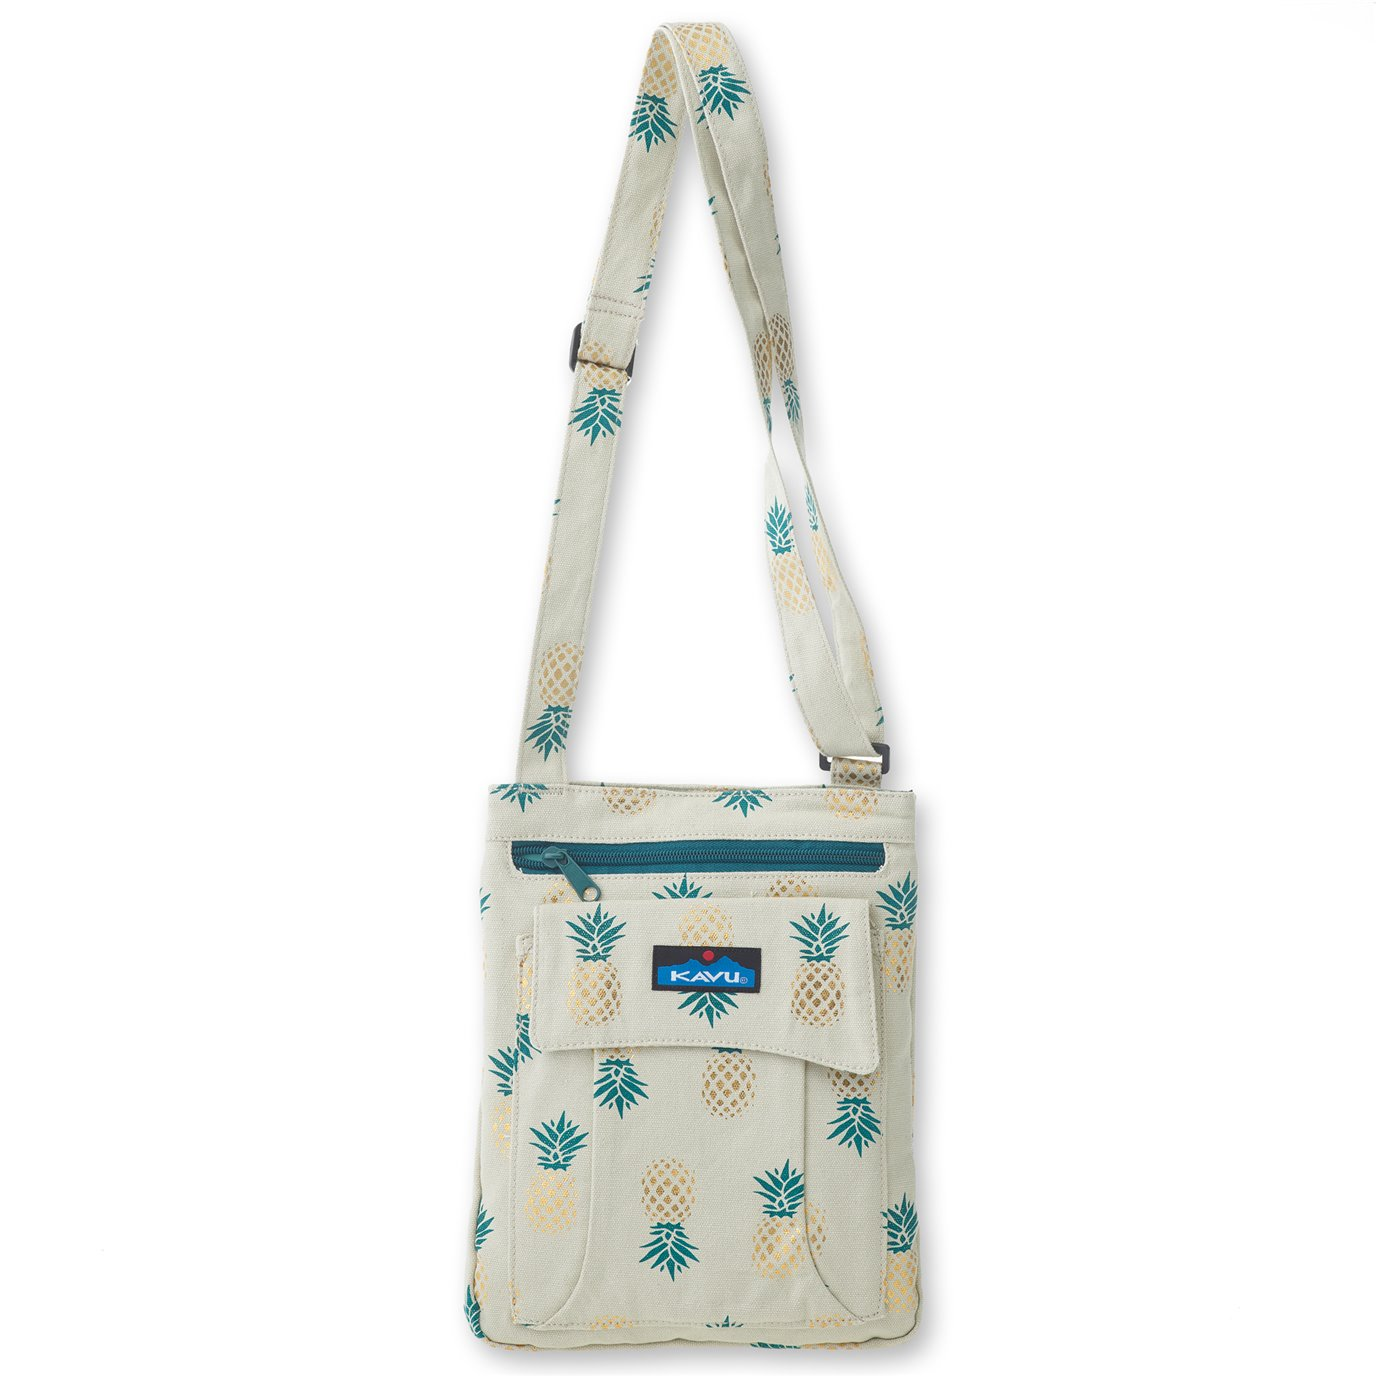 Kavu Pineapple Express Keeper Handbag